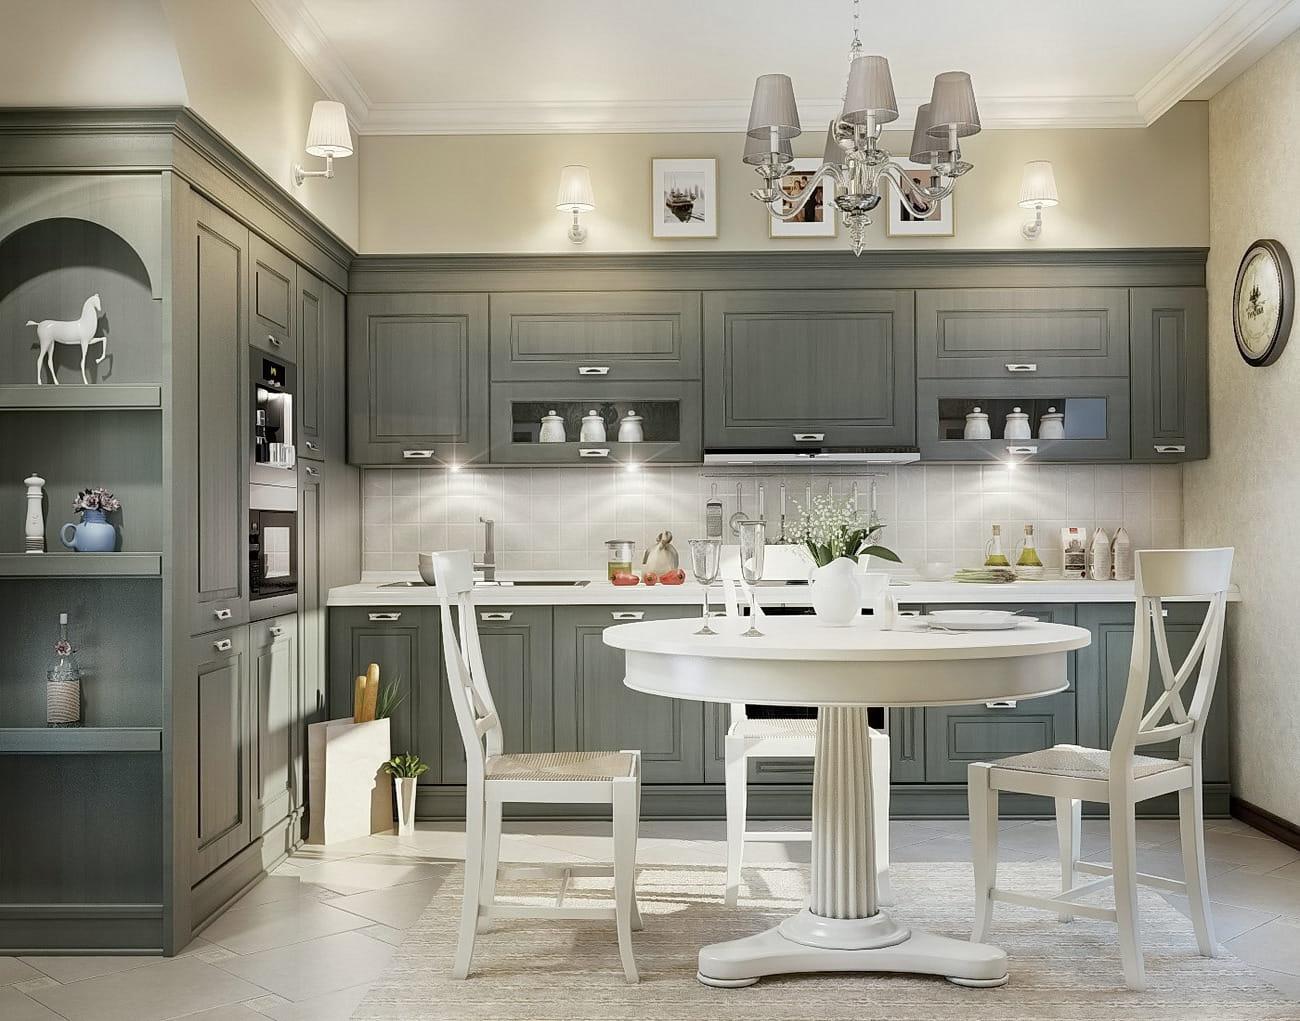 La richesse du design de la cuisine grise de style classique est visible dans chaque centimètre carré de sa surface.